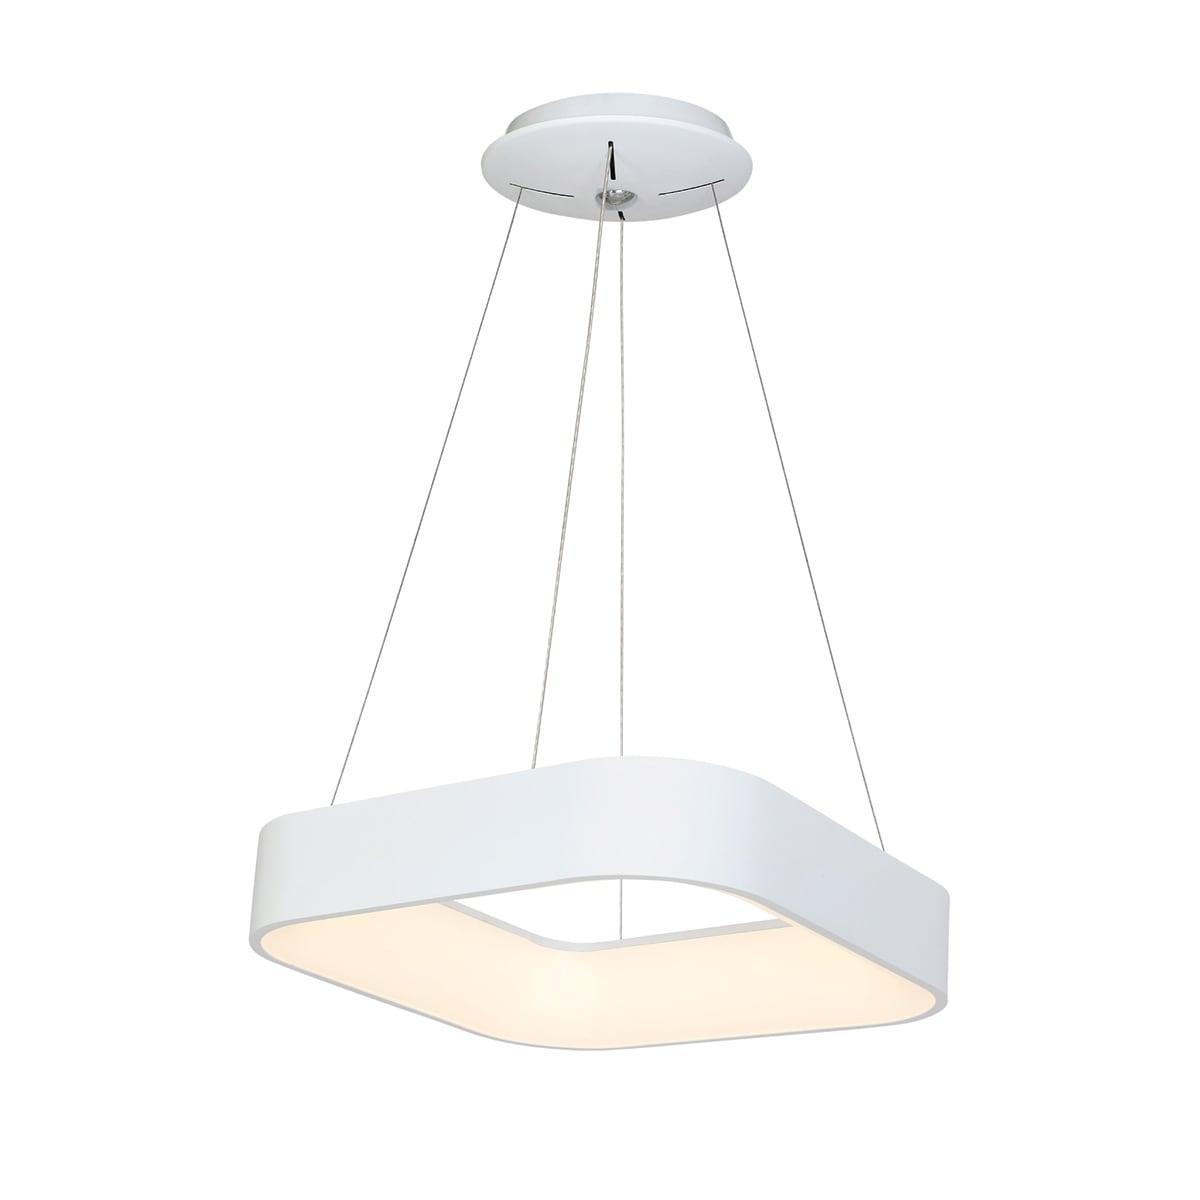 Lampa suspendată Milagro ASTRO 569 Alb mat 24W